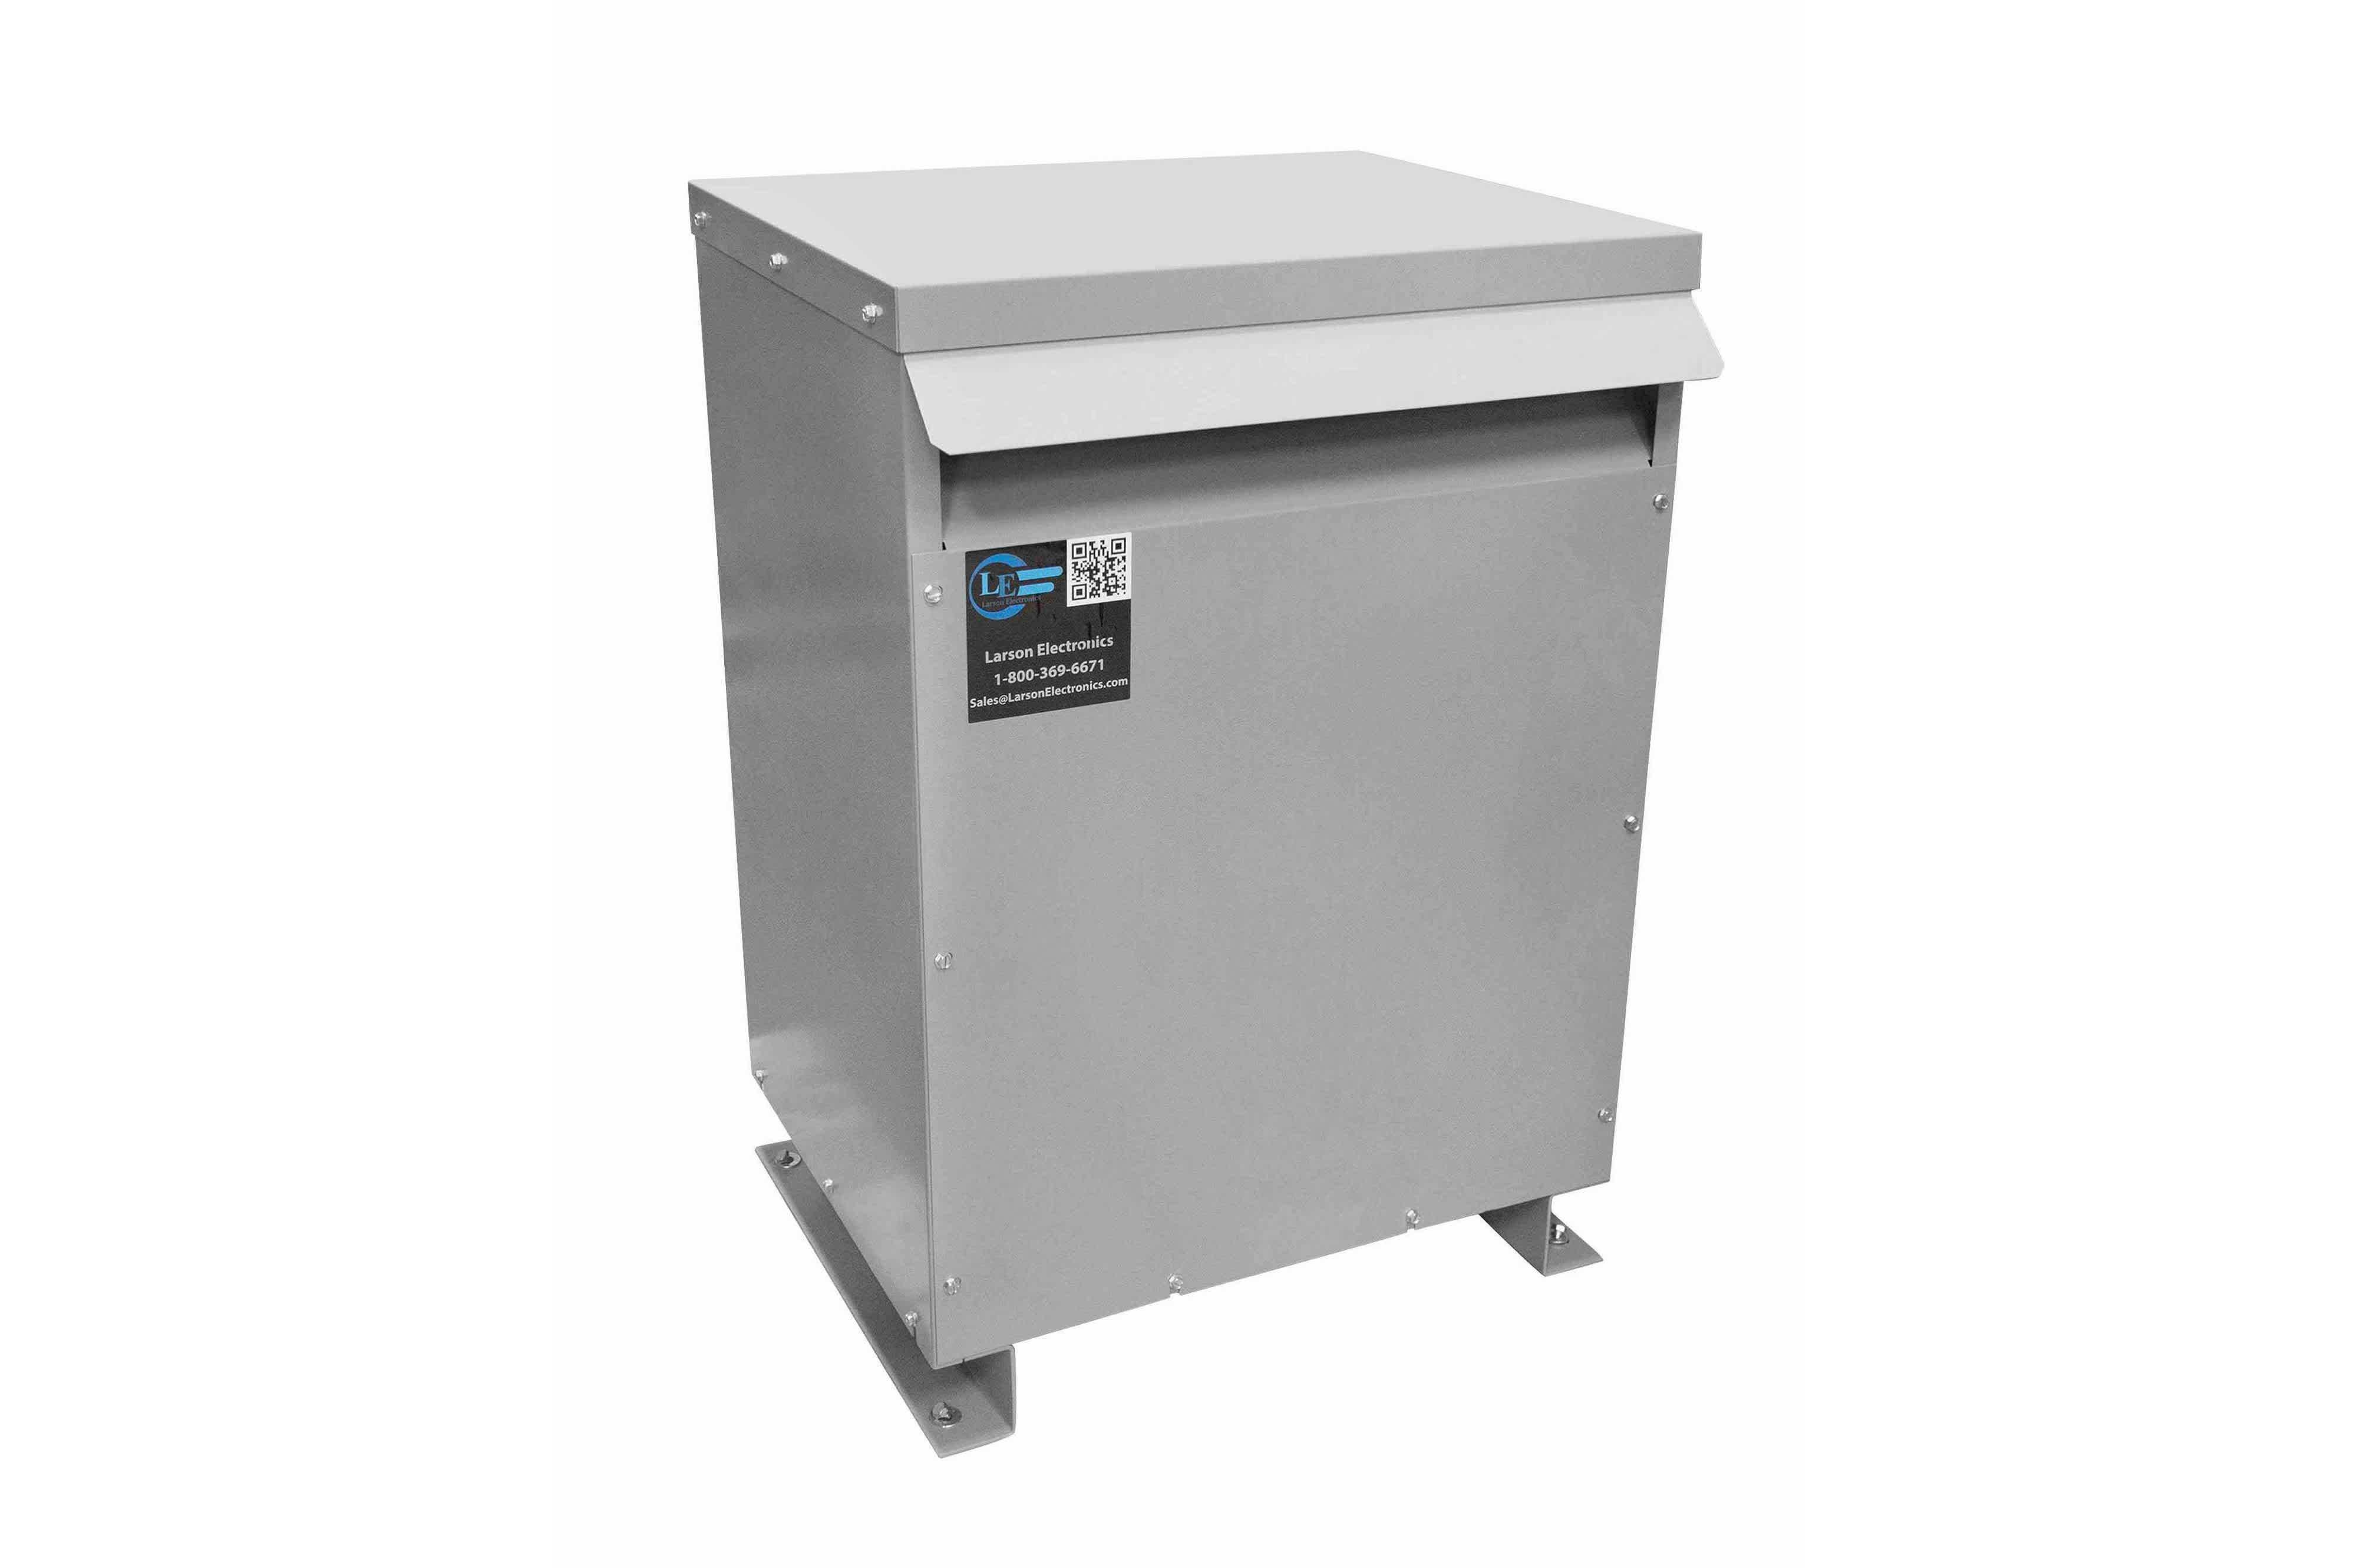 50 kVA 3PH Isolation Transformer, 400V Delta Primary, 208V Delta Secondary, N3R, Ventilated, 60 Hz